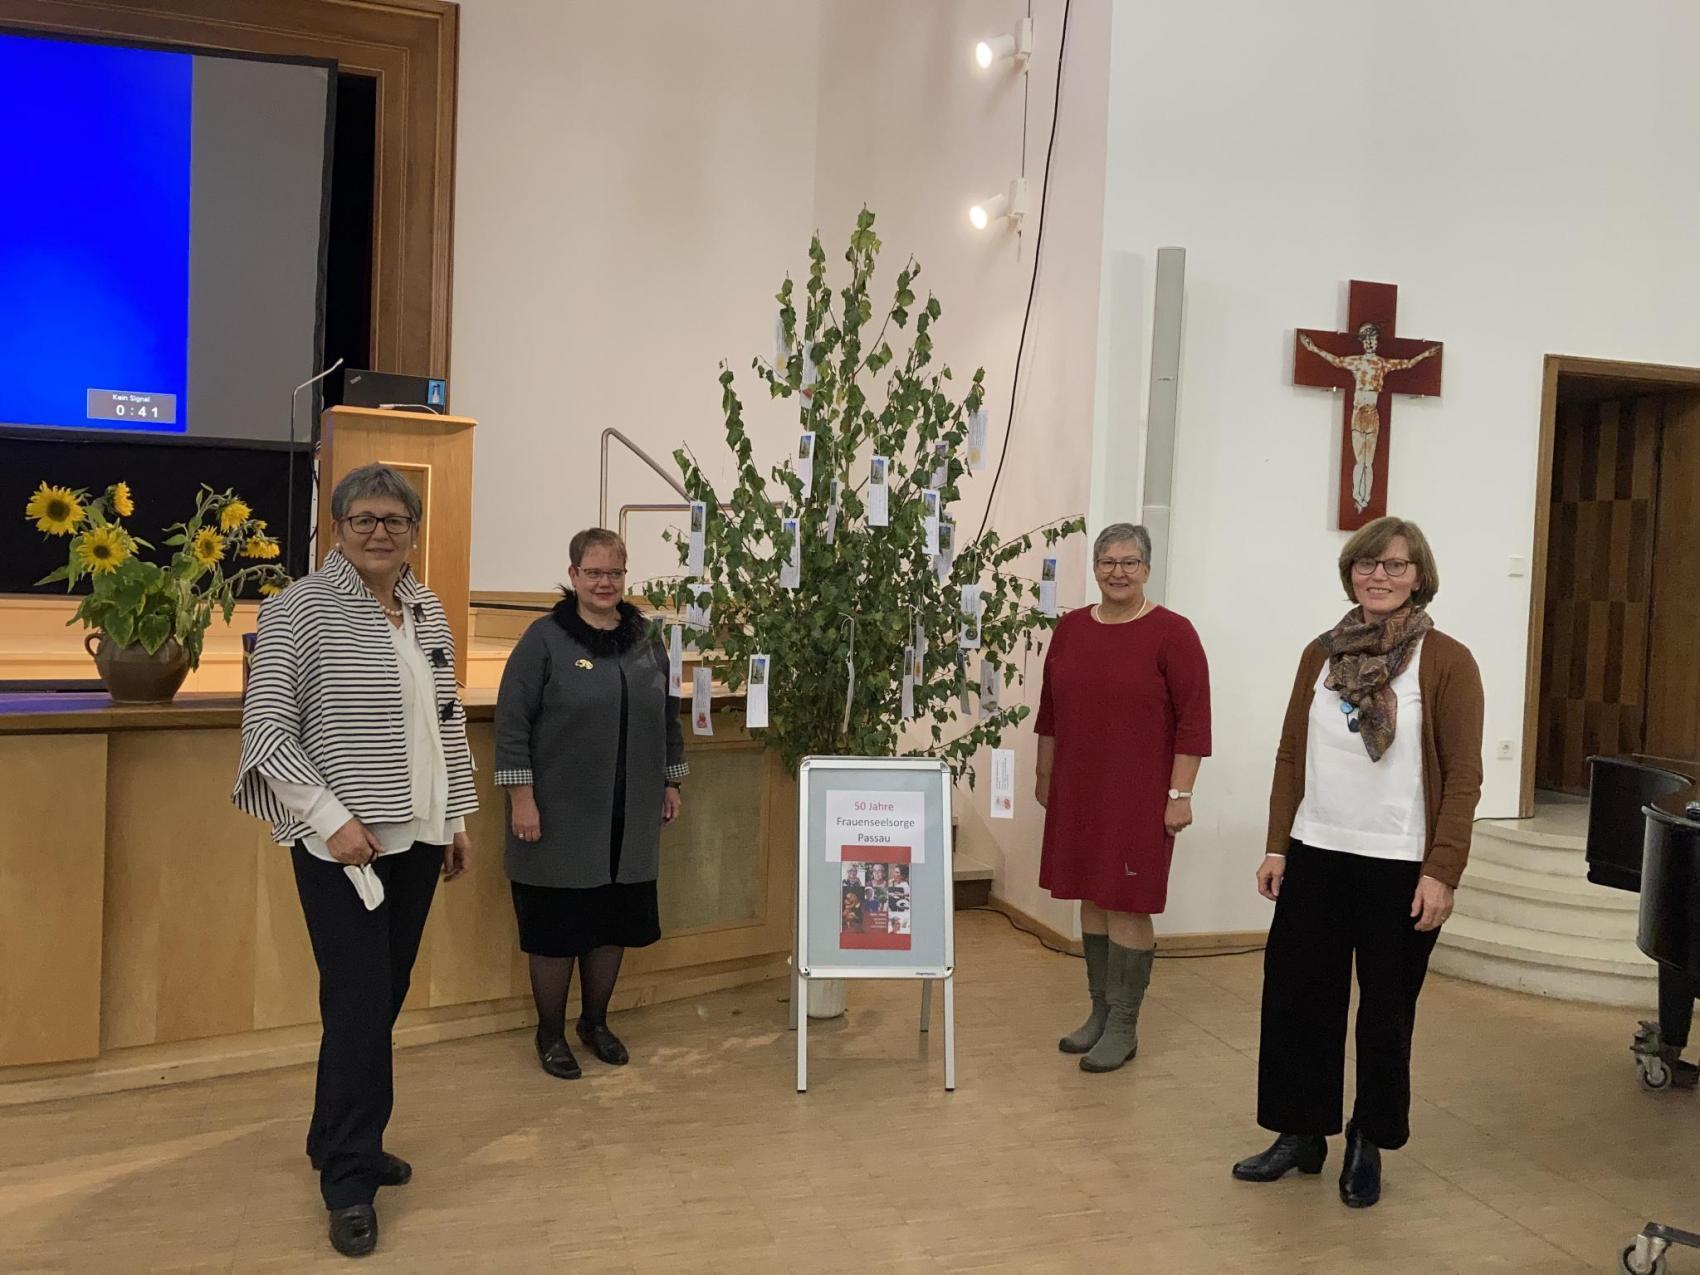 Jubiläum Hildegard Dr Gosebrink Uhrmann Pauli Westenberger